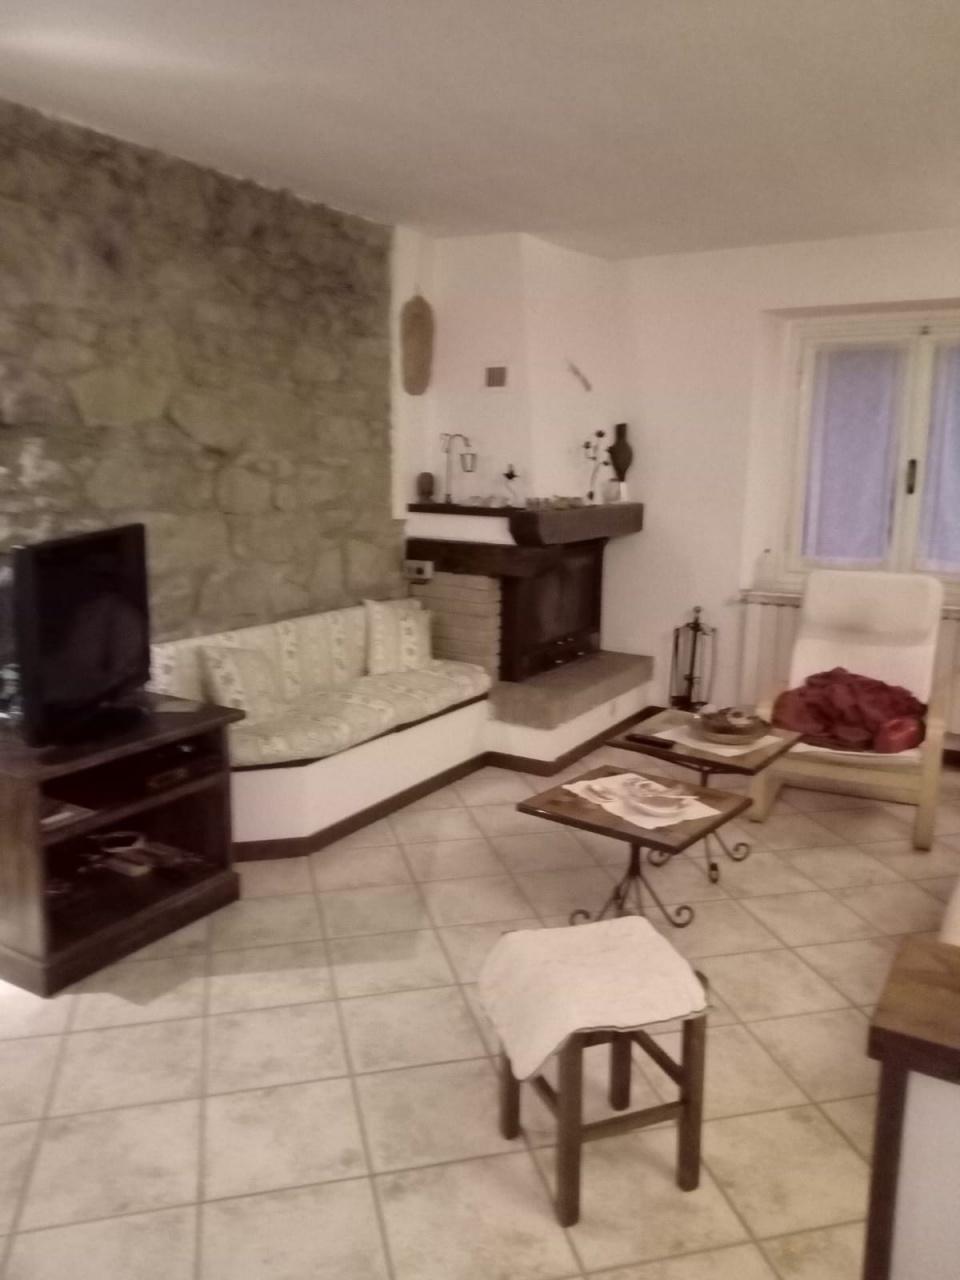 Appartamento ristrutturato in vendita Rif. 11772885